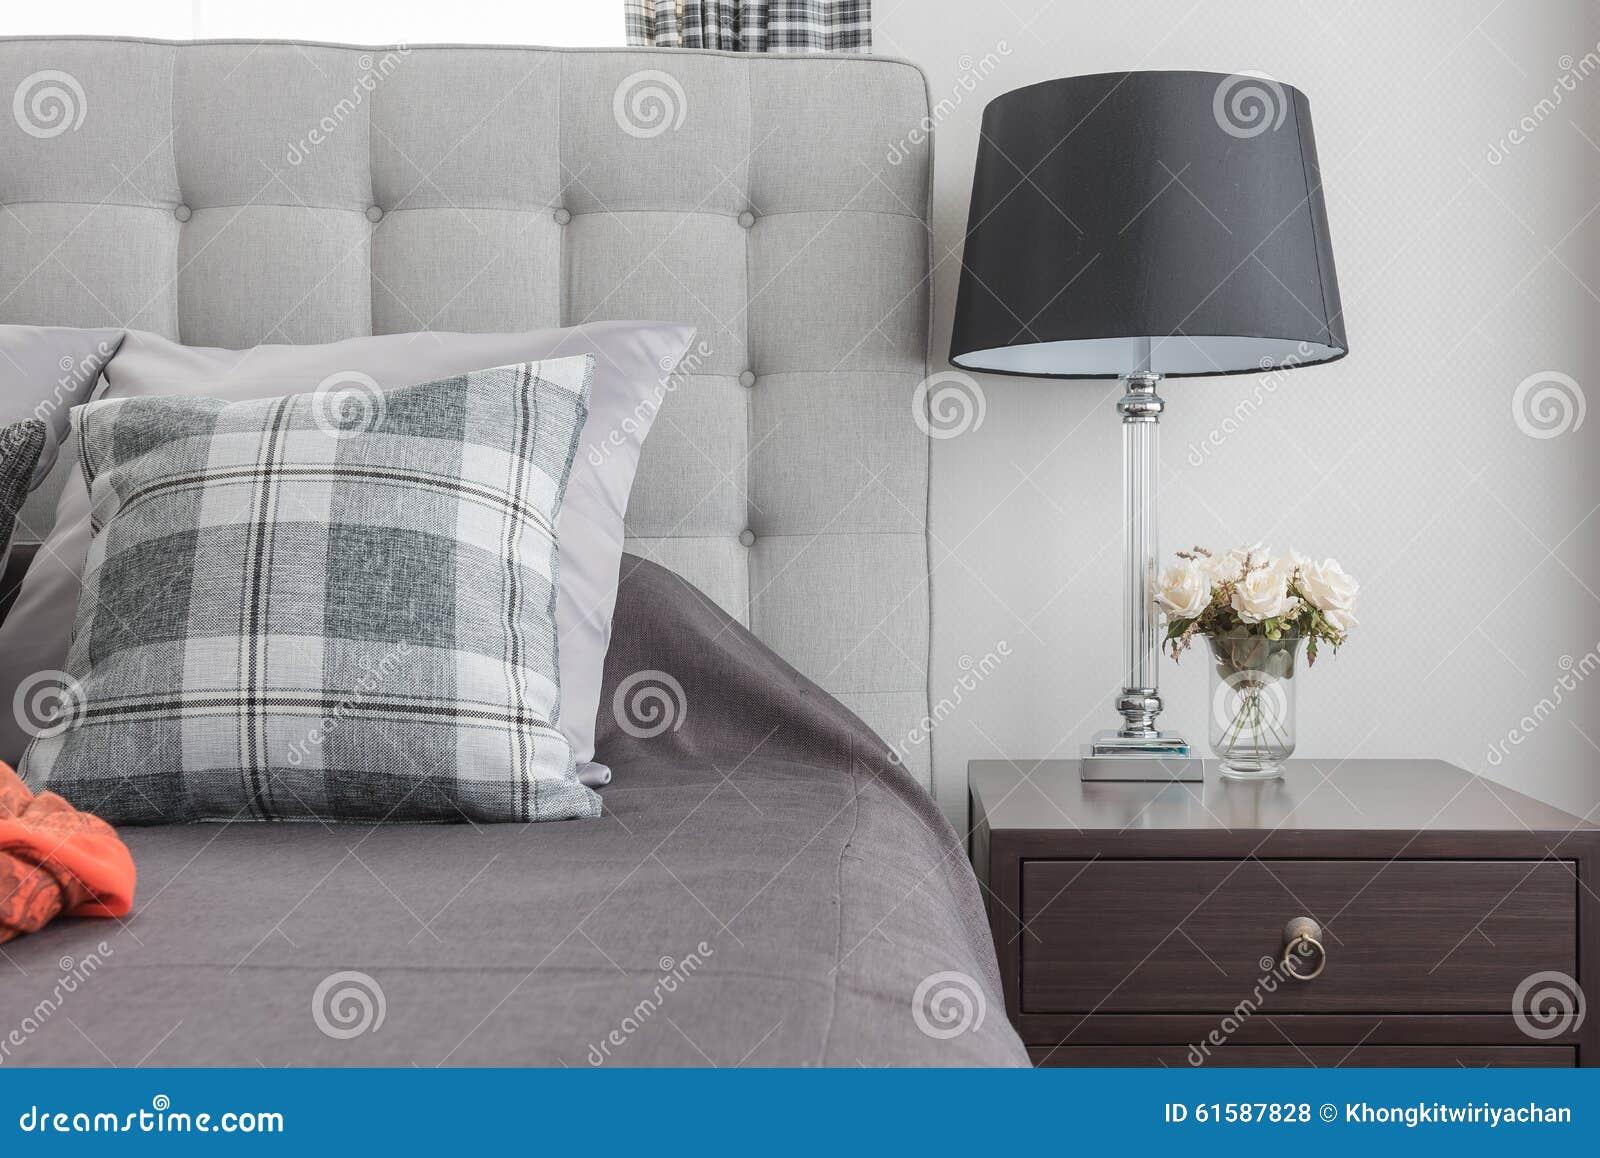 Lampade Con Fiori ~ Ispirazione design casa